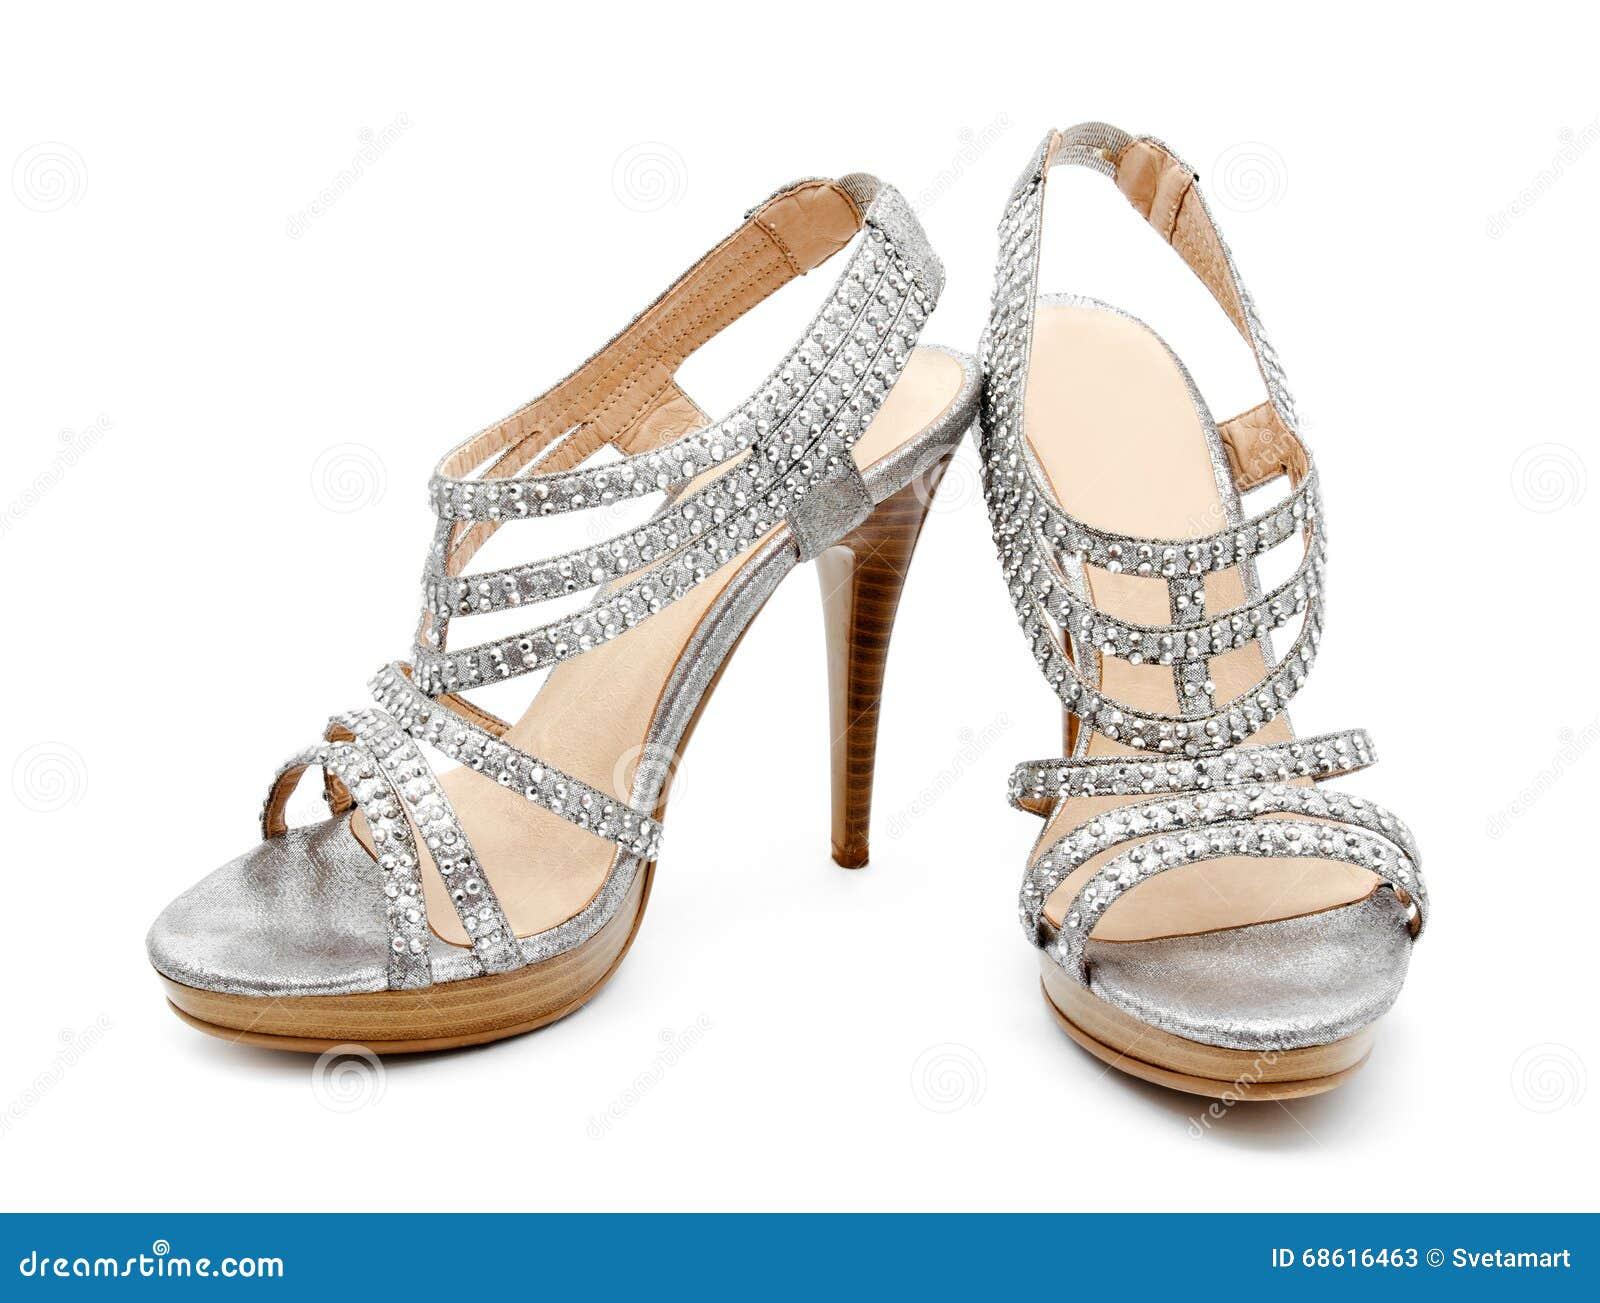 dff53fc60ec Ασημένιο υψηλό παπούτσι γυναικών τακουνιών που απομονώνεται Στοκ ...